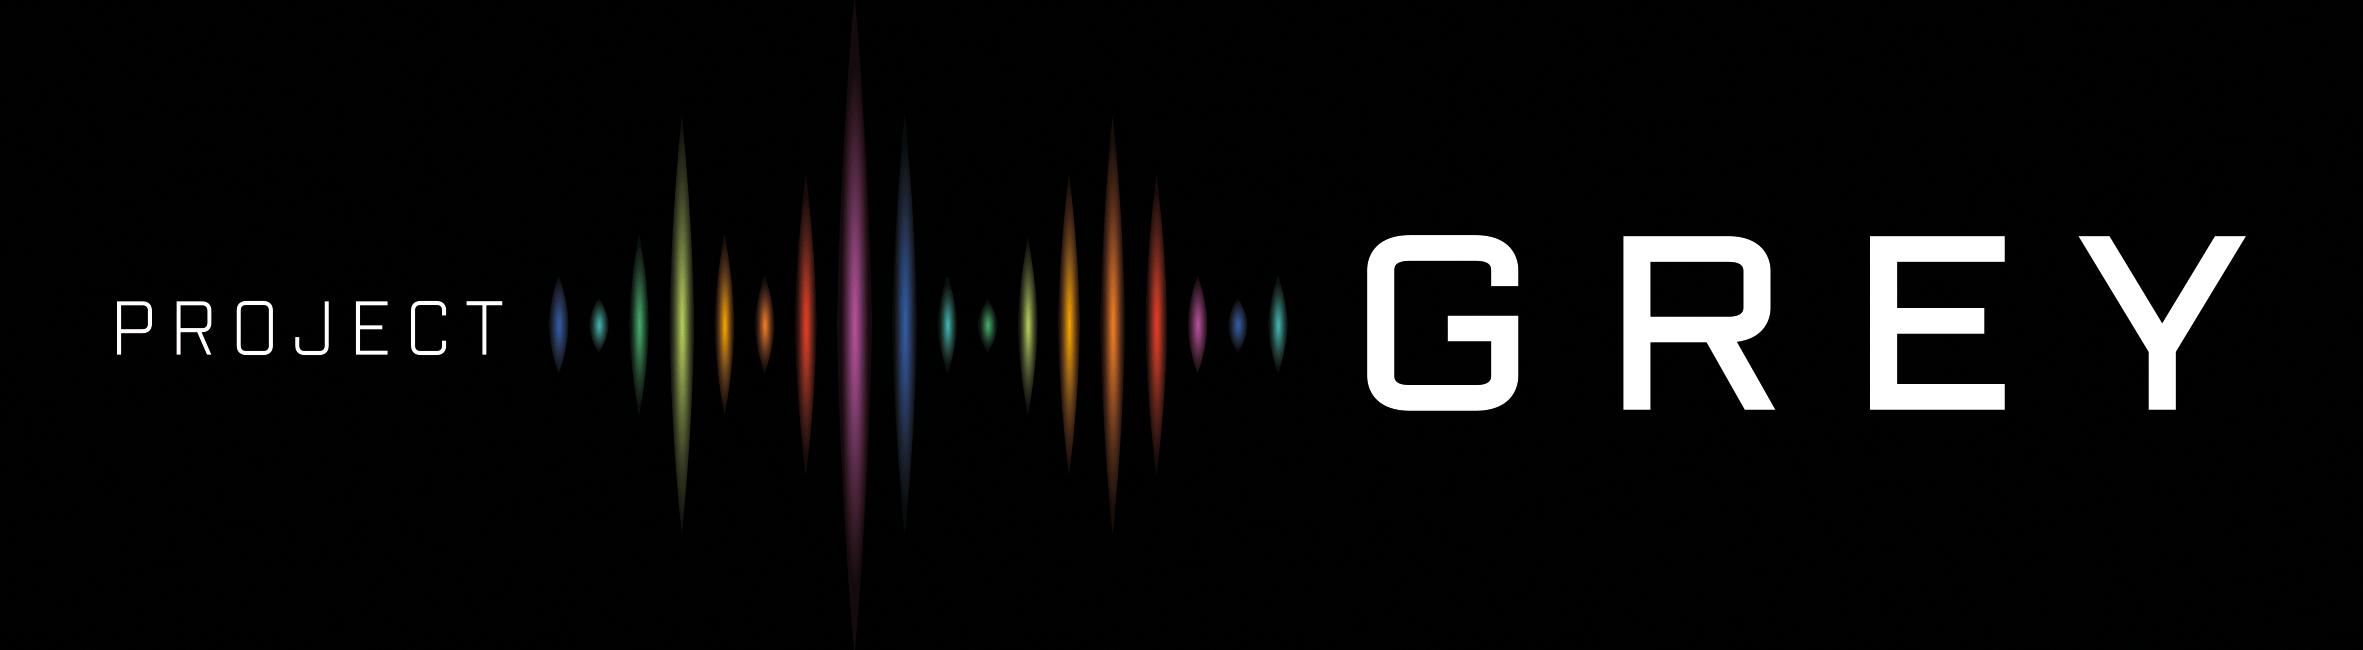 ProjectGrey-digitaal-zwart.png